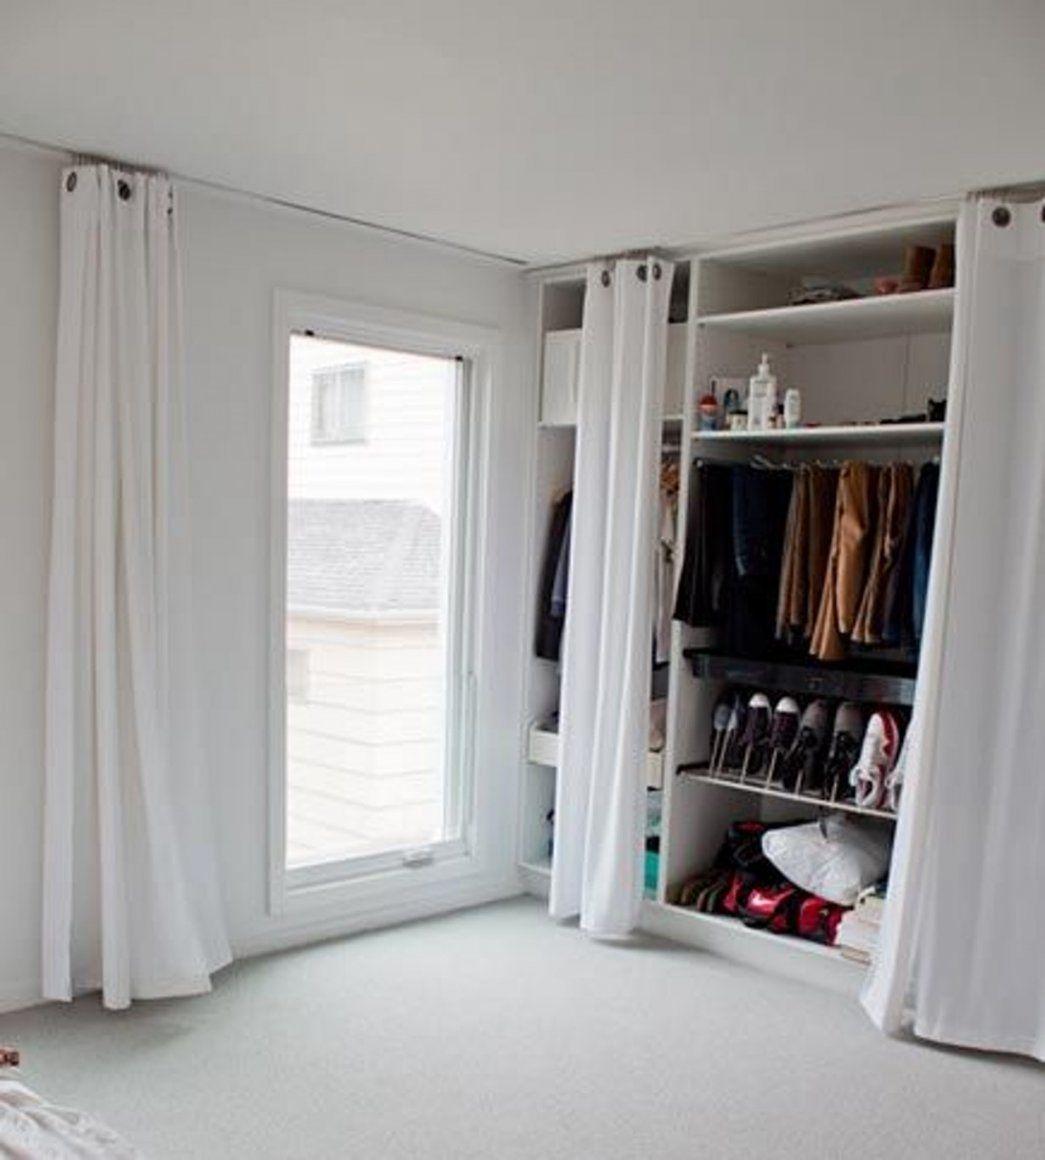 Offener Kleiderschrank Vorhang Interessant von Offener Schrank Mit Vorhang Bild